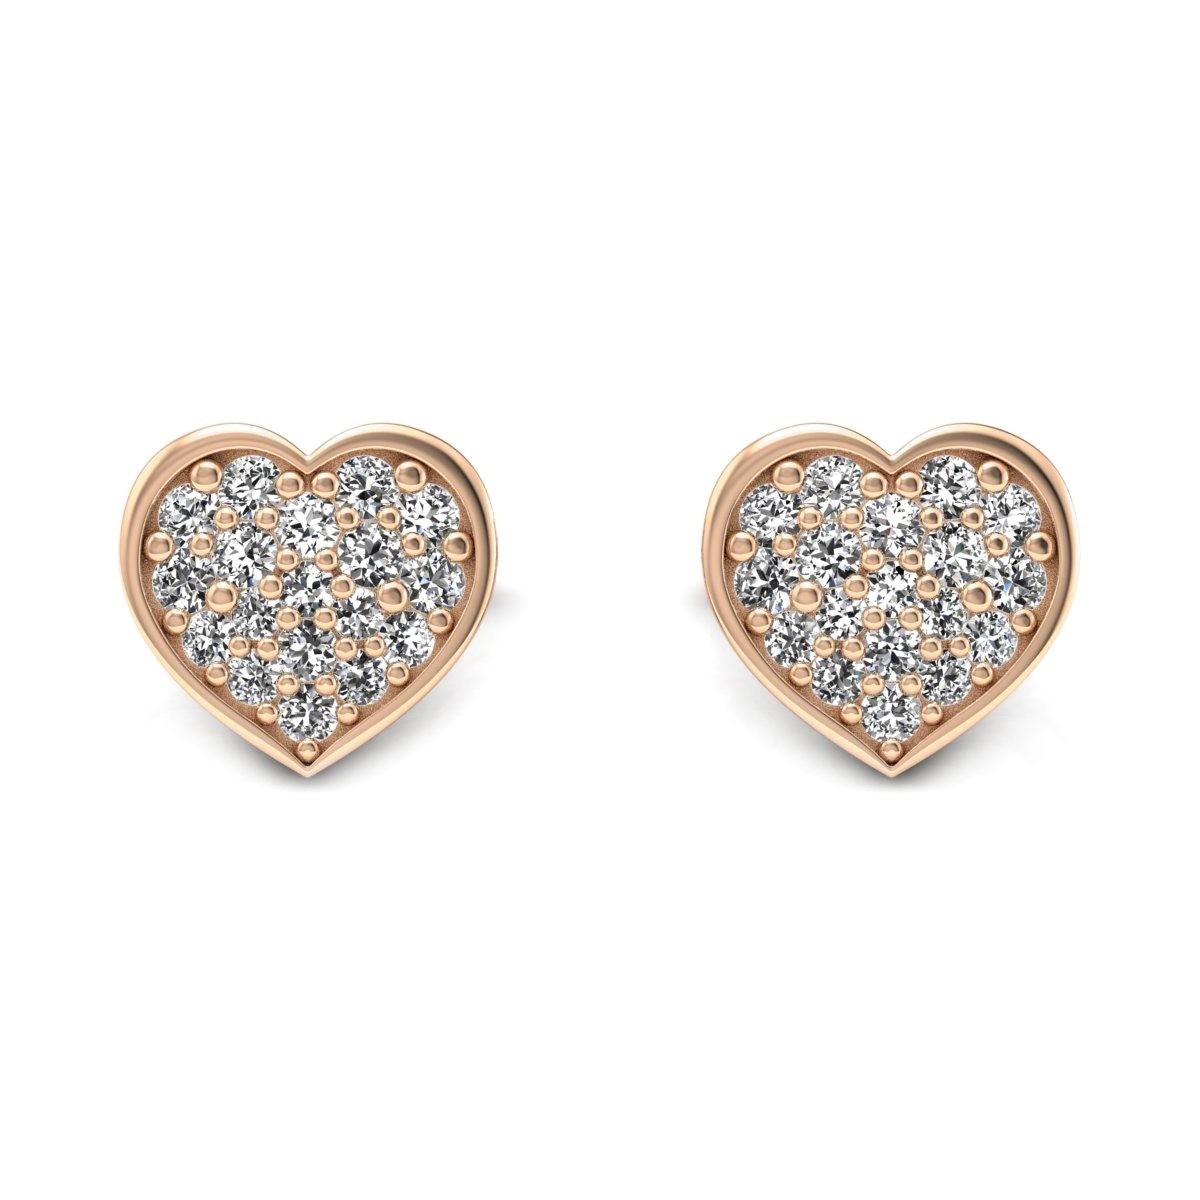 Heart - Różowe złoto kolczyki z diamentami